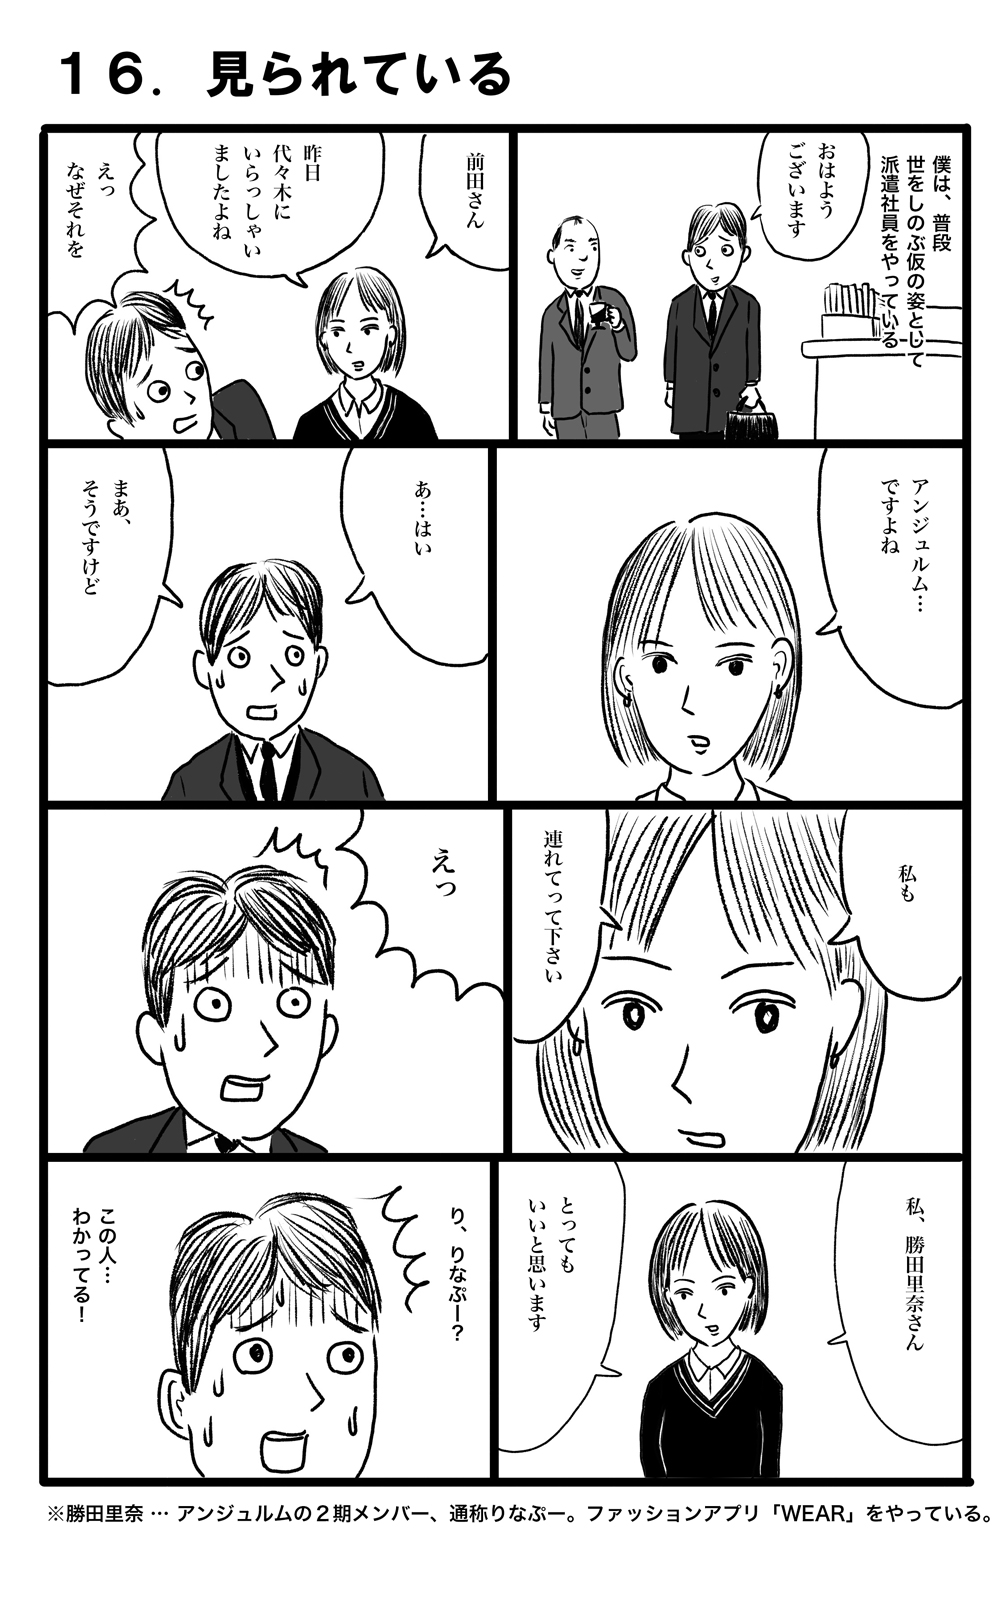 tsurugi-mikito-016